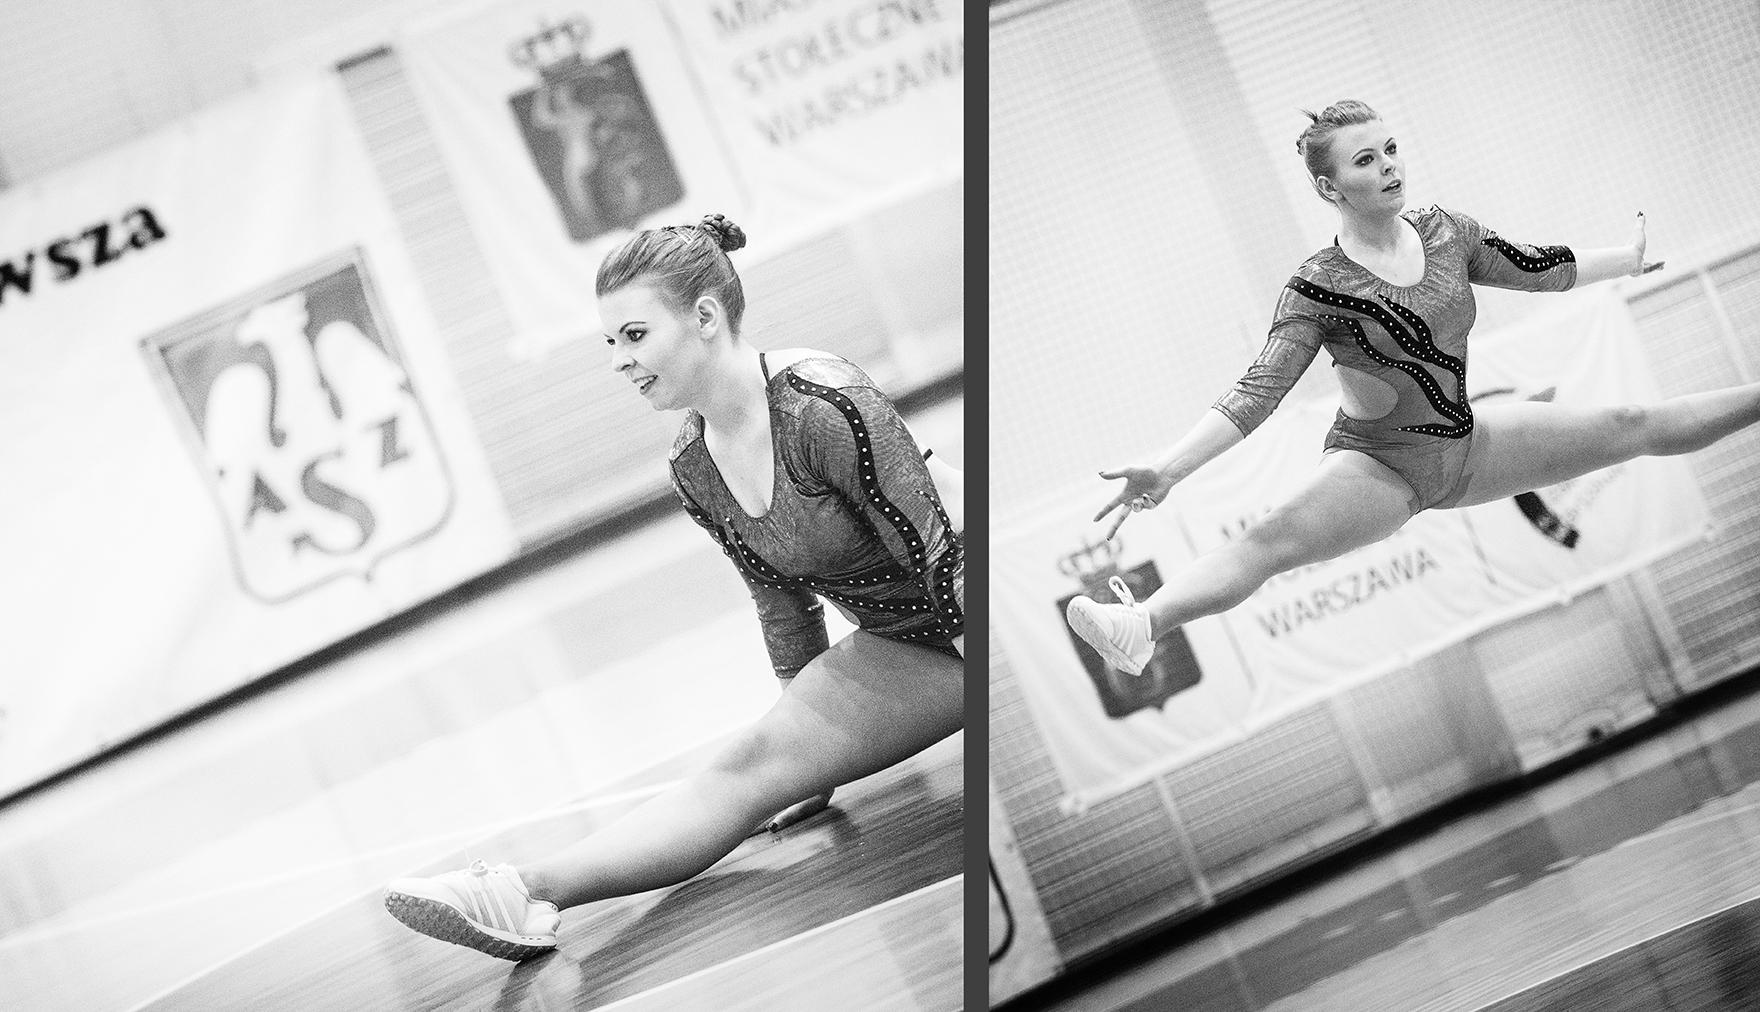 MILUNA-Ewa-Milun-Walczak-relacja-sportowa-black-and-white-czarno-biale-aerobik-sportowy-mistrzostwa-mazowska-w-aerobiku-sport-azs-22 copy